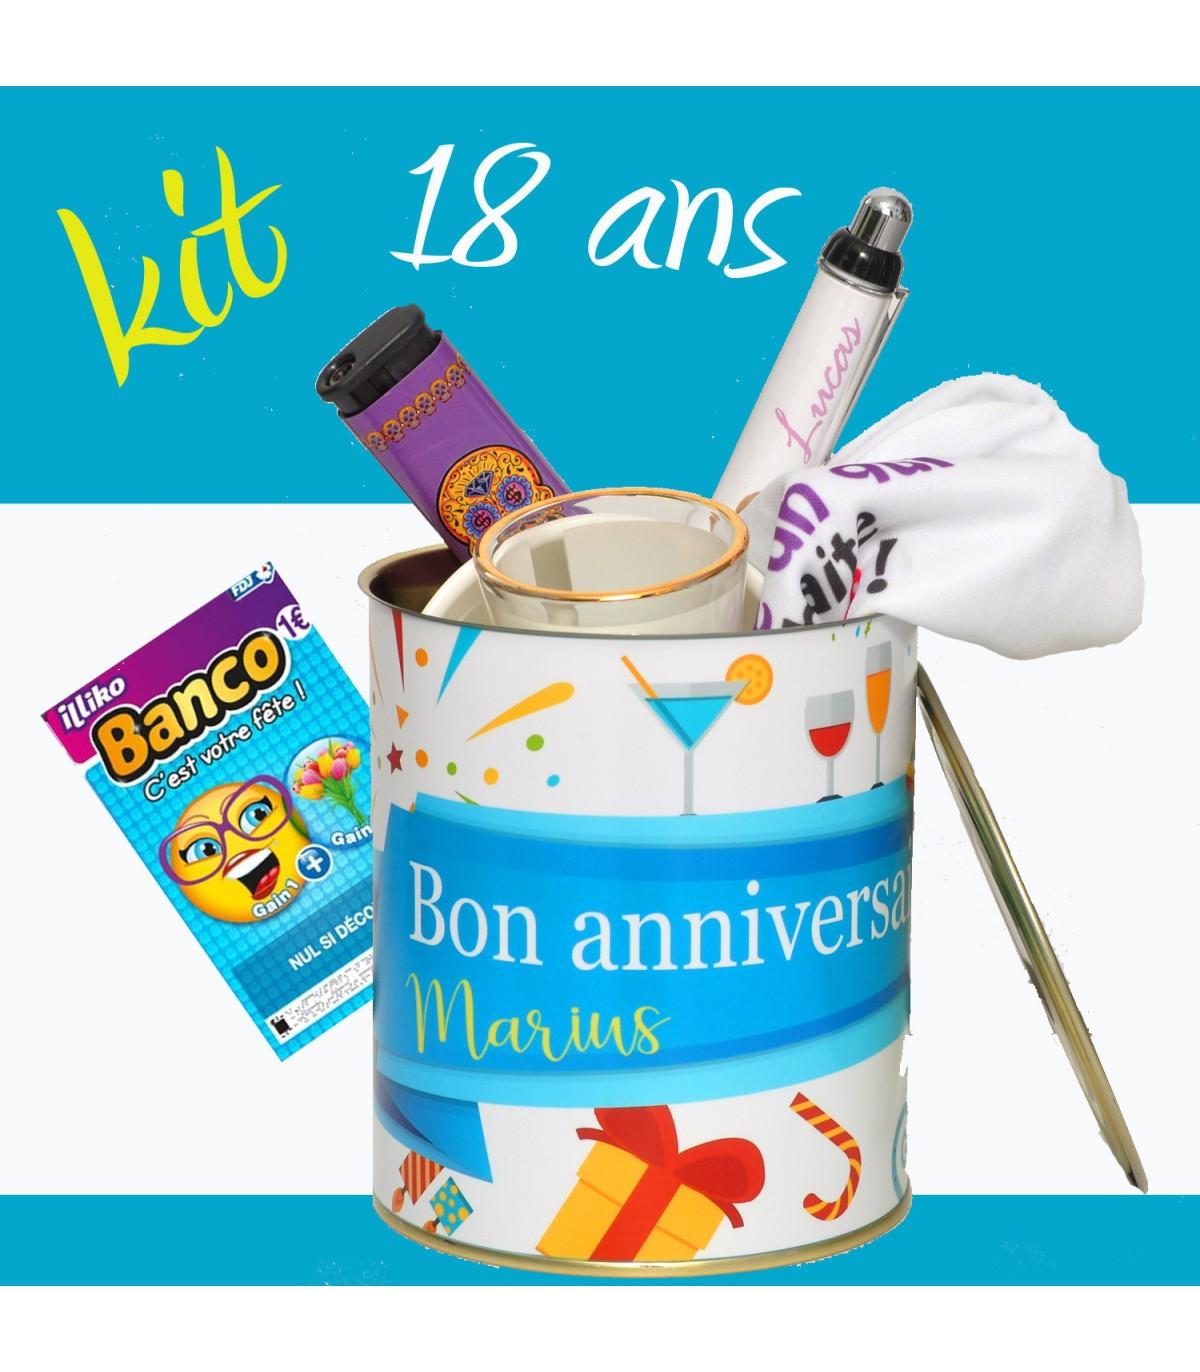 Idée Cadeau 18 Ans GarçOn Le kit cadeau super original pour fêter les 18 ans d'un jeun